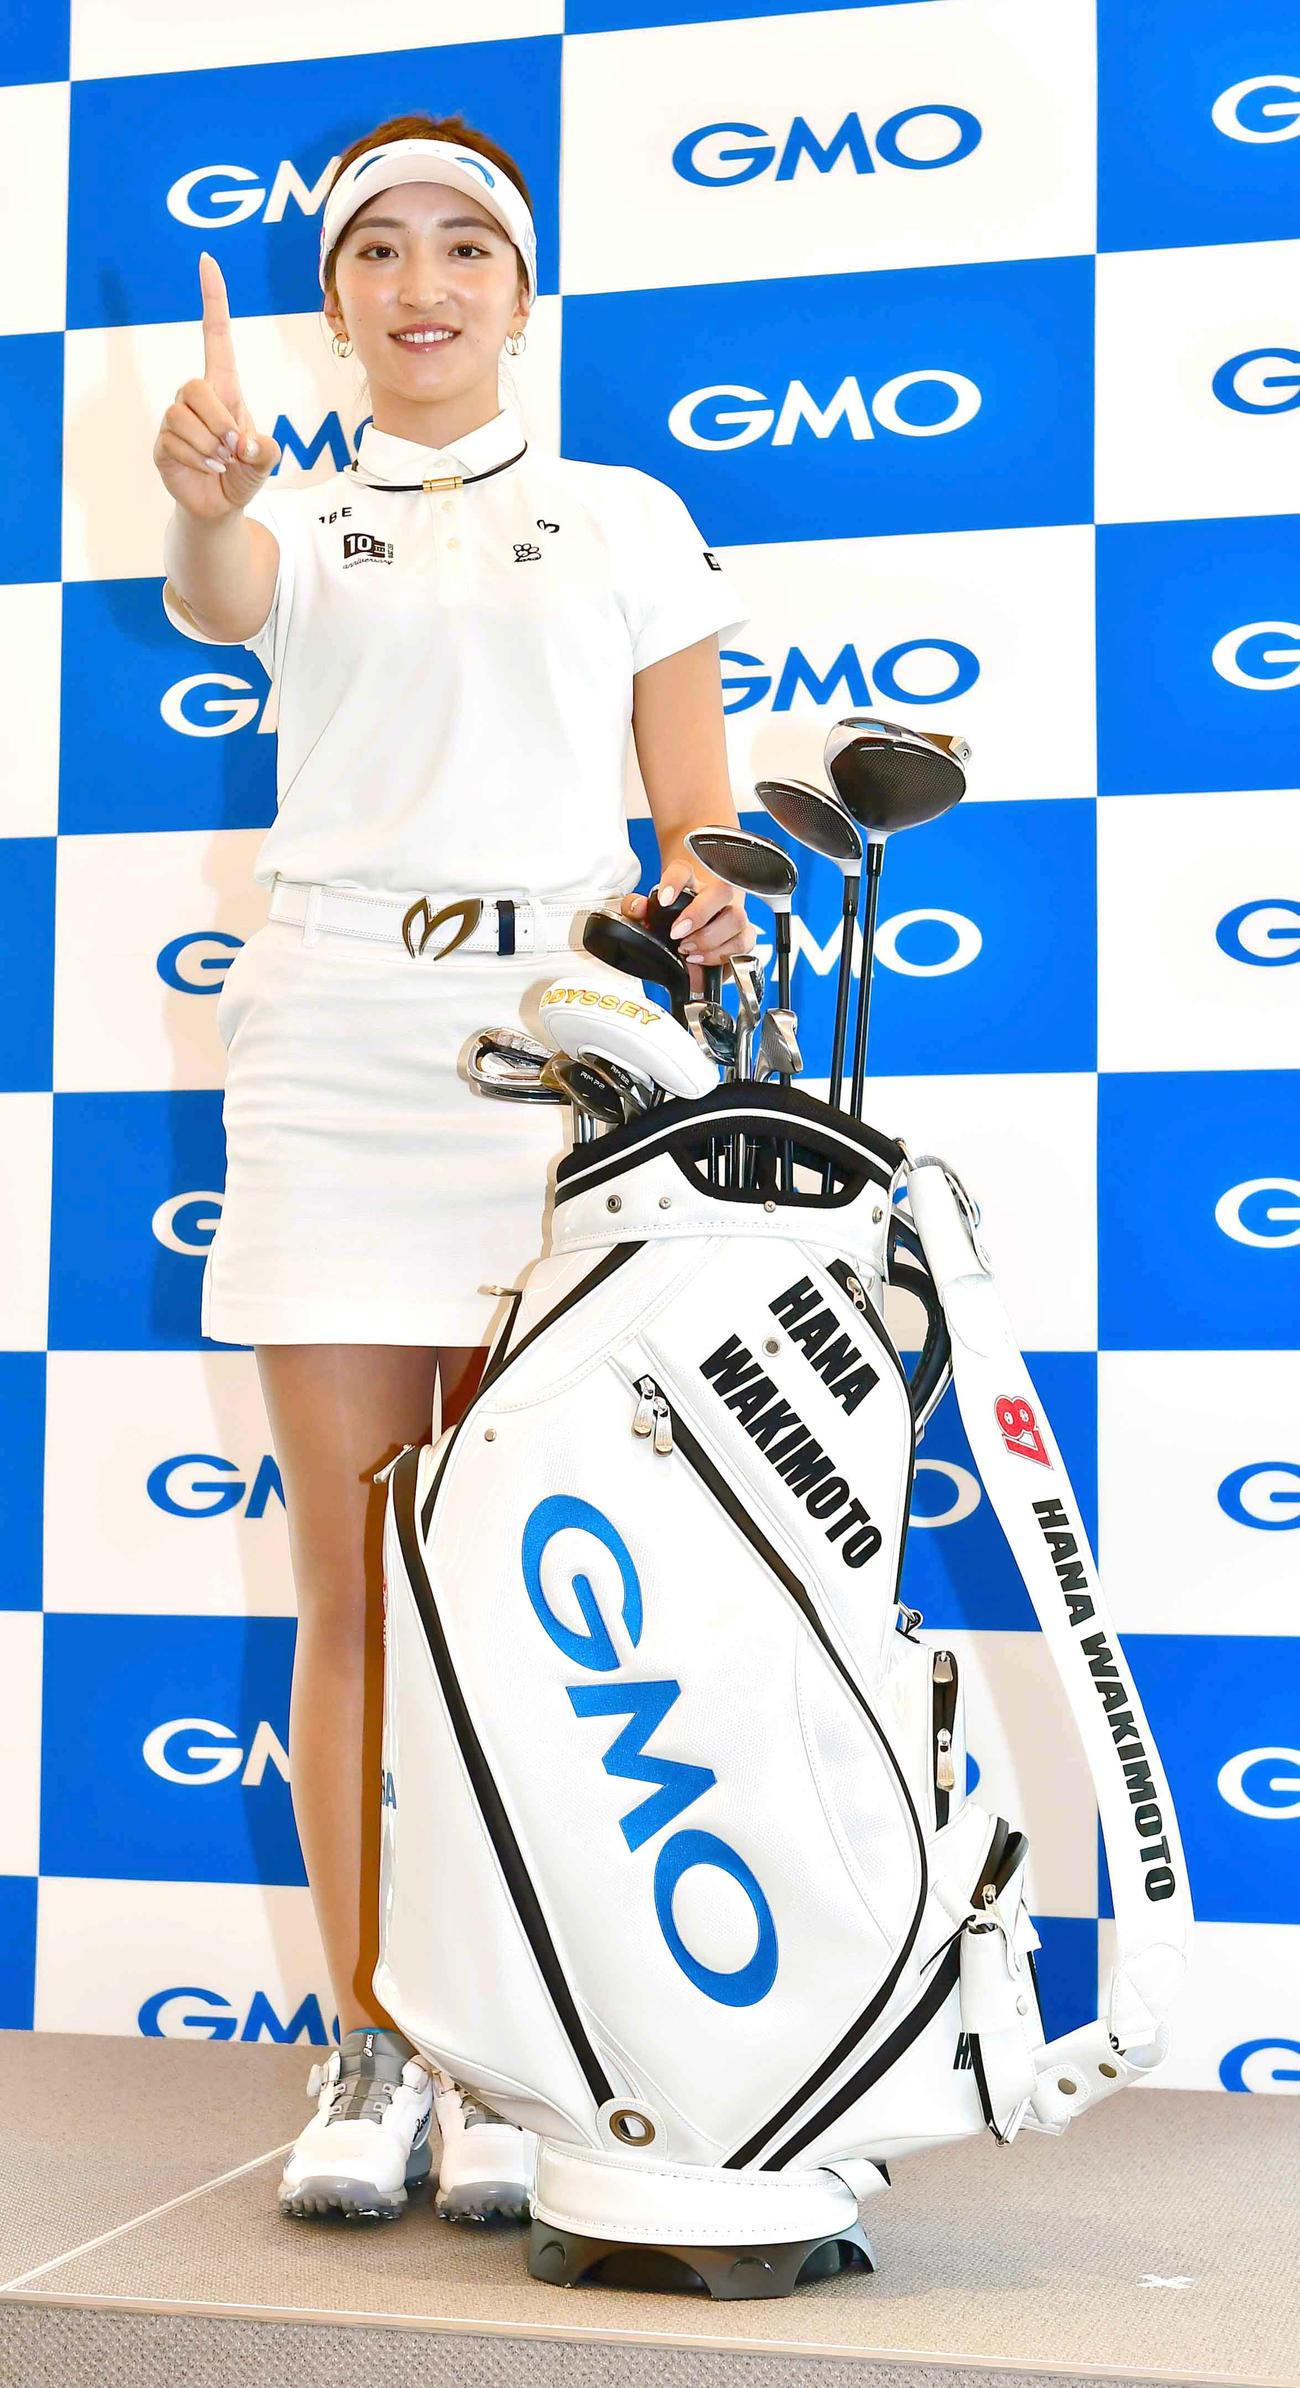 GMOインターネットグループと所属契約を締結し記者会見で「ナンバーワン」ポーズを決める女子プロゴルファーの脇元(撮影・小沢裕)